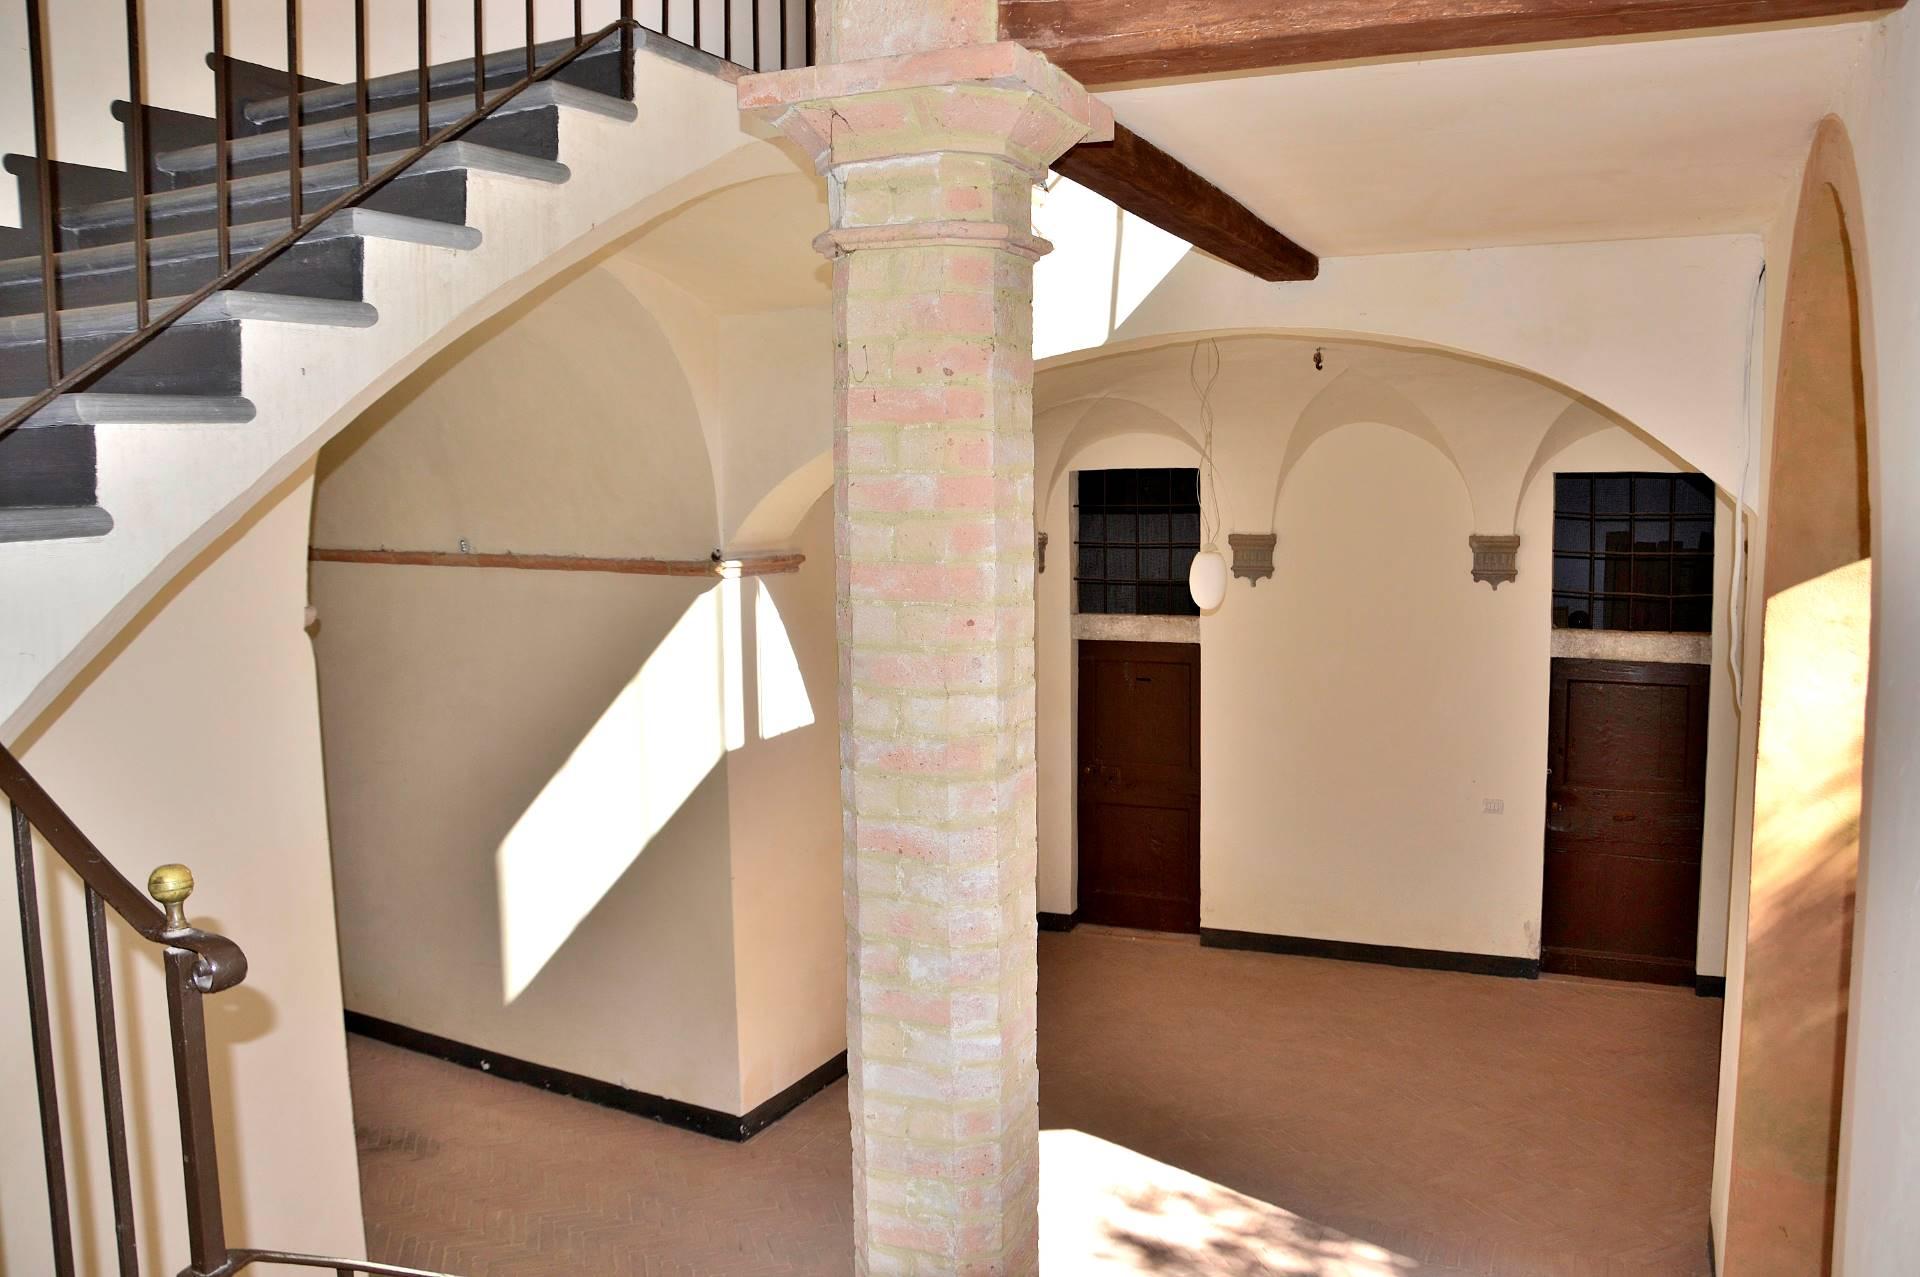 Appartamento in vendita a Foligno, 4 locali, prezzo € 88.000 | CambioCasa.it